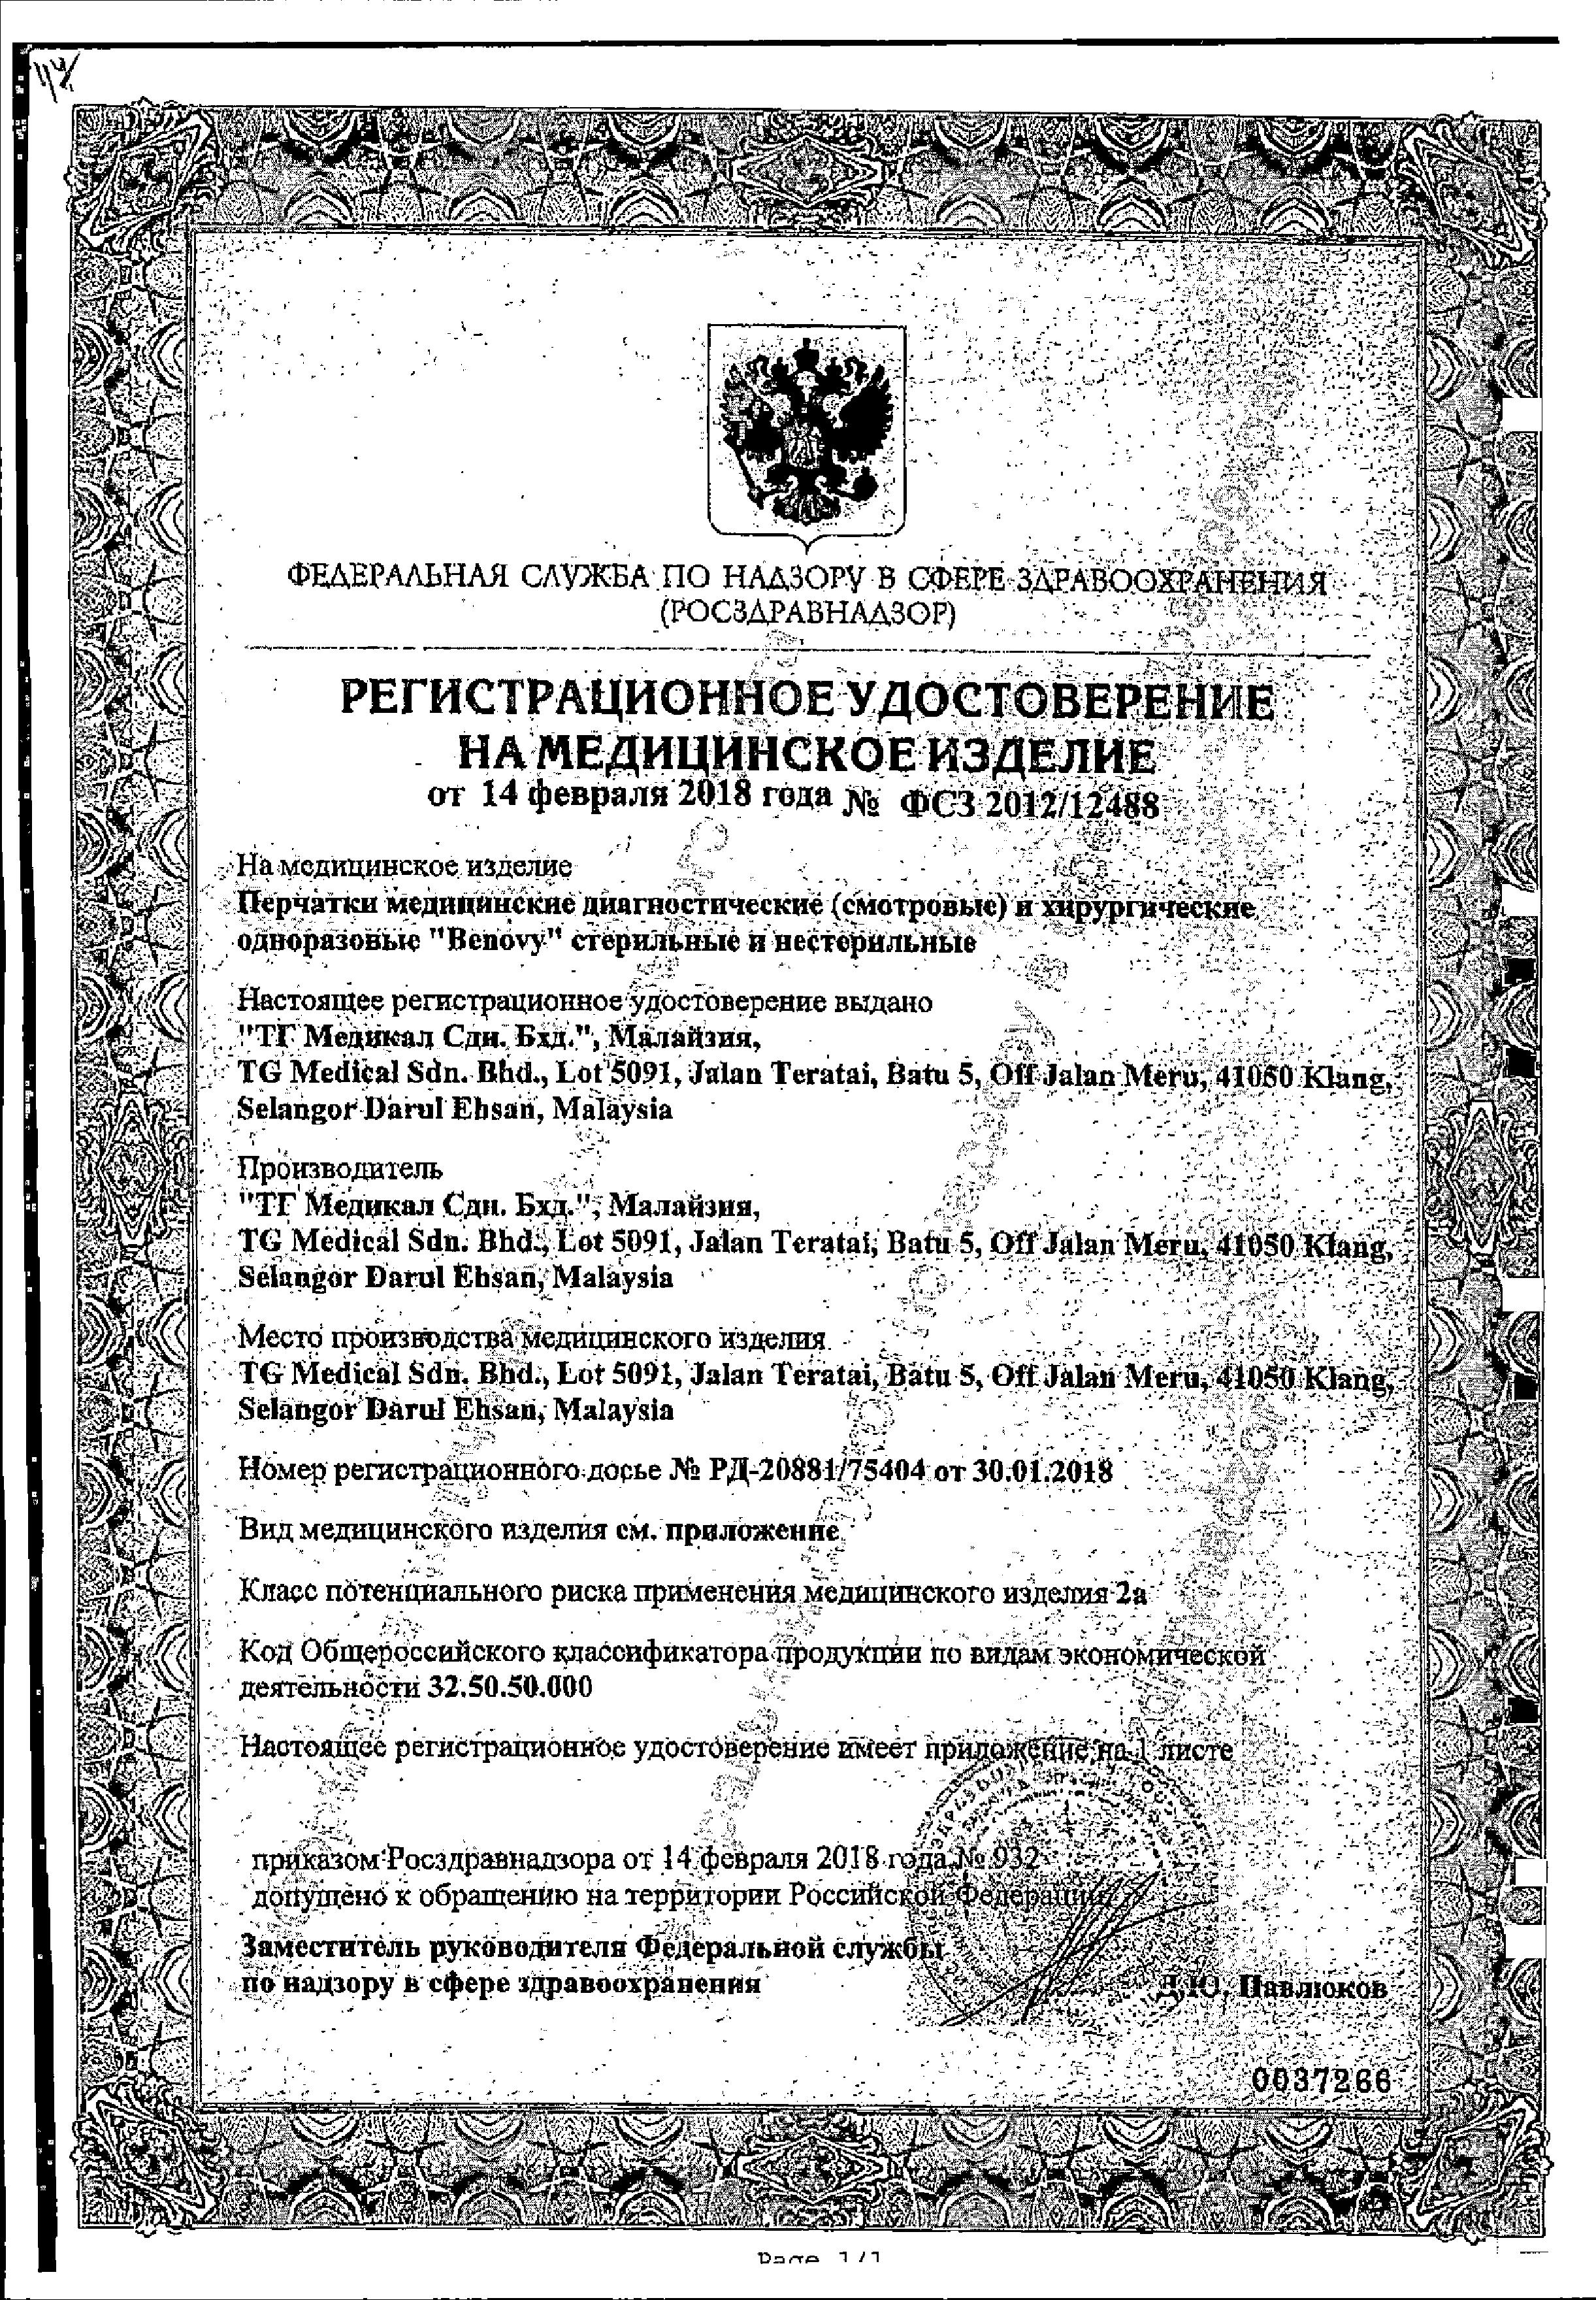 Ферстэйд перчатки смотровые нестерильные опудренные сертификат